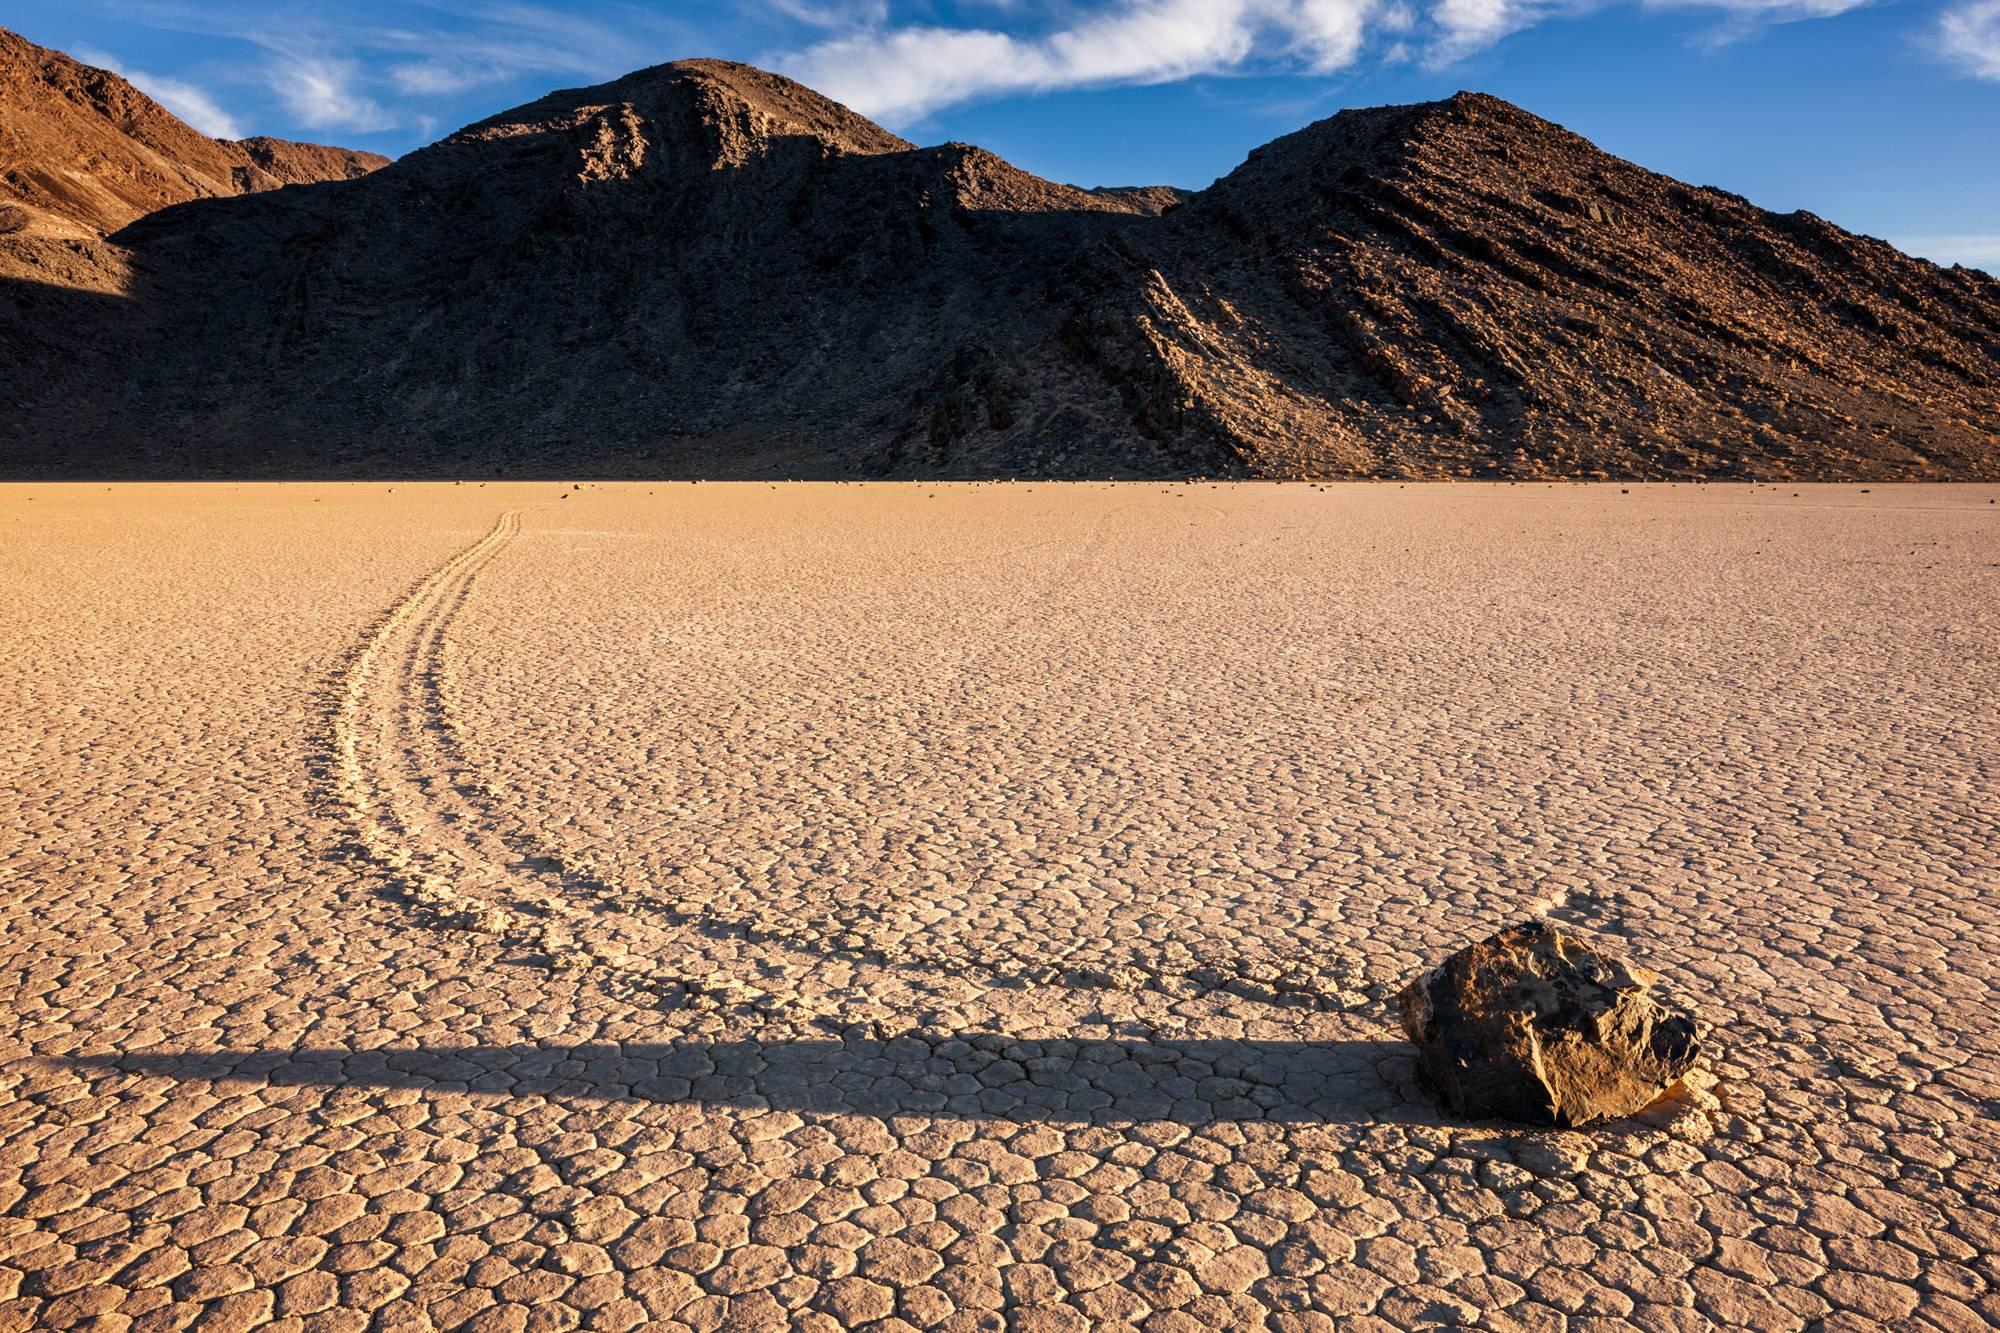 Национальный парк долина смерти в сша: фото, где находится (адрес и карта), отели рядом, как добраться, цены, часы работы, отзывы